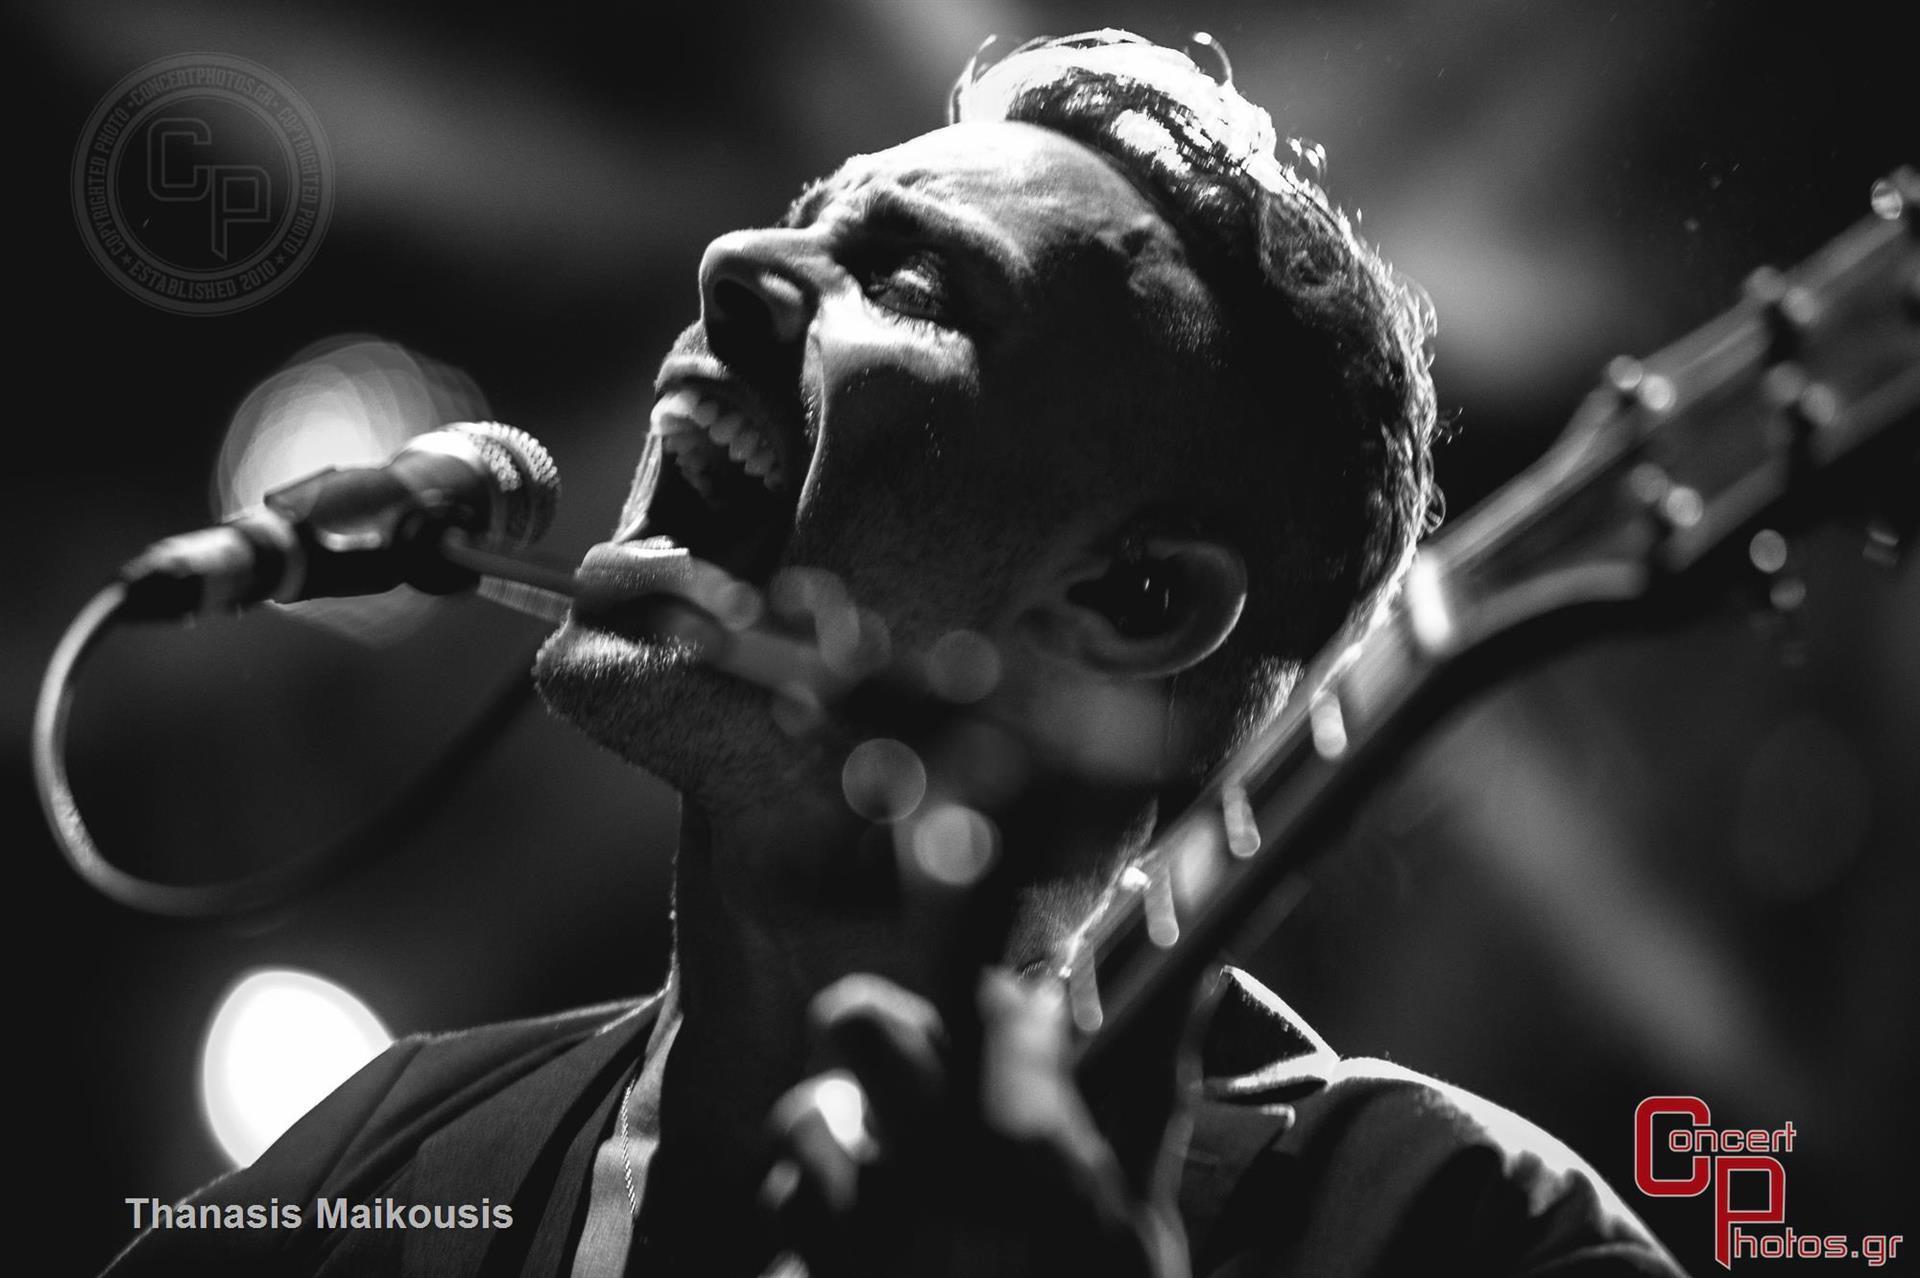 Asaf Avidan-Asaf Avidan photographer: Thanasis Maikousis - ConcertPhotos - 20150624_2058_31